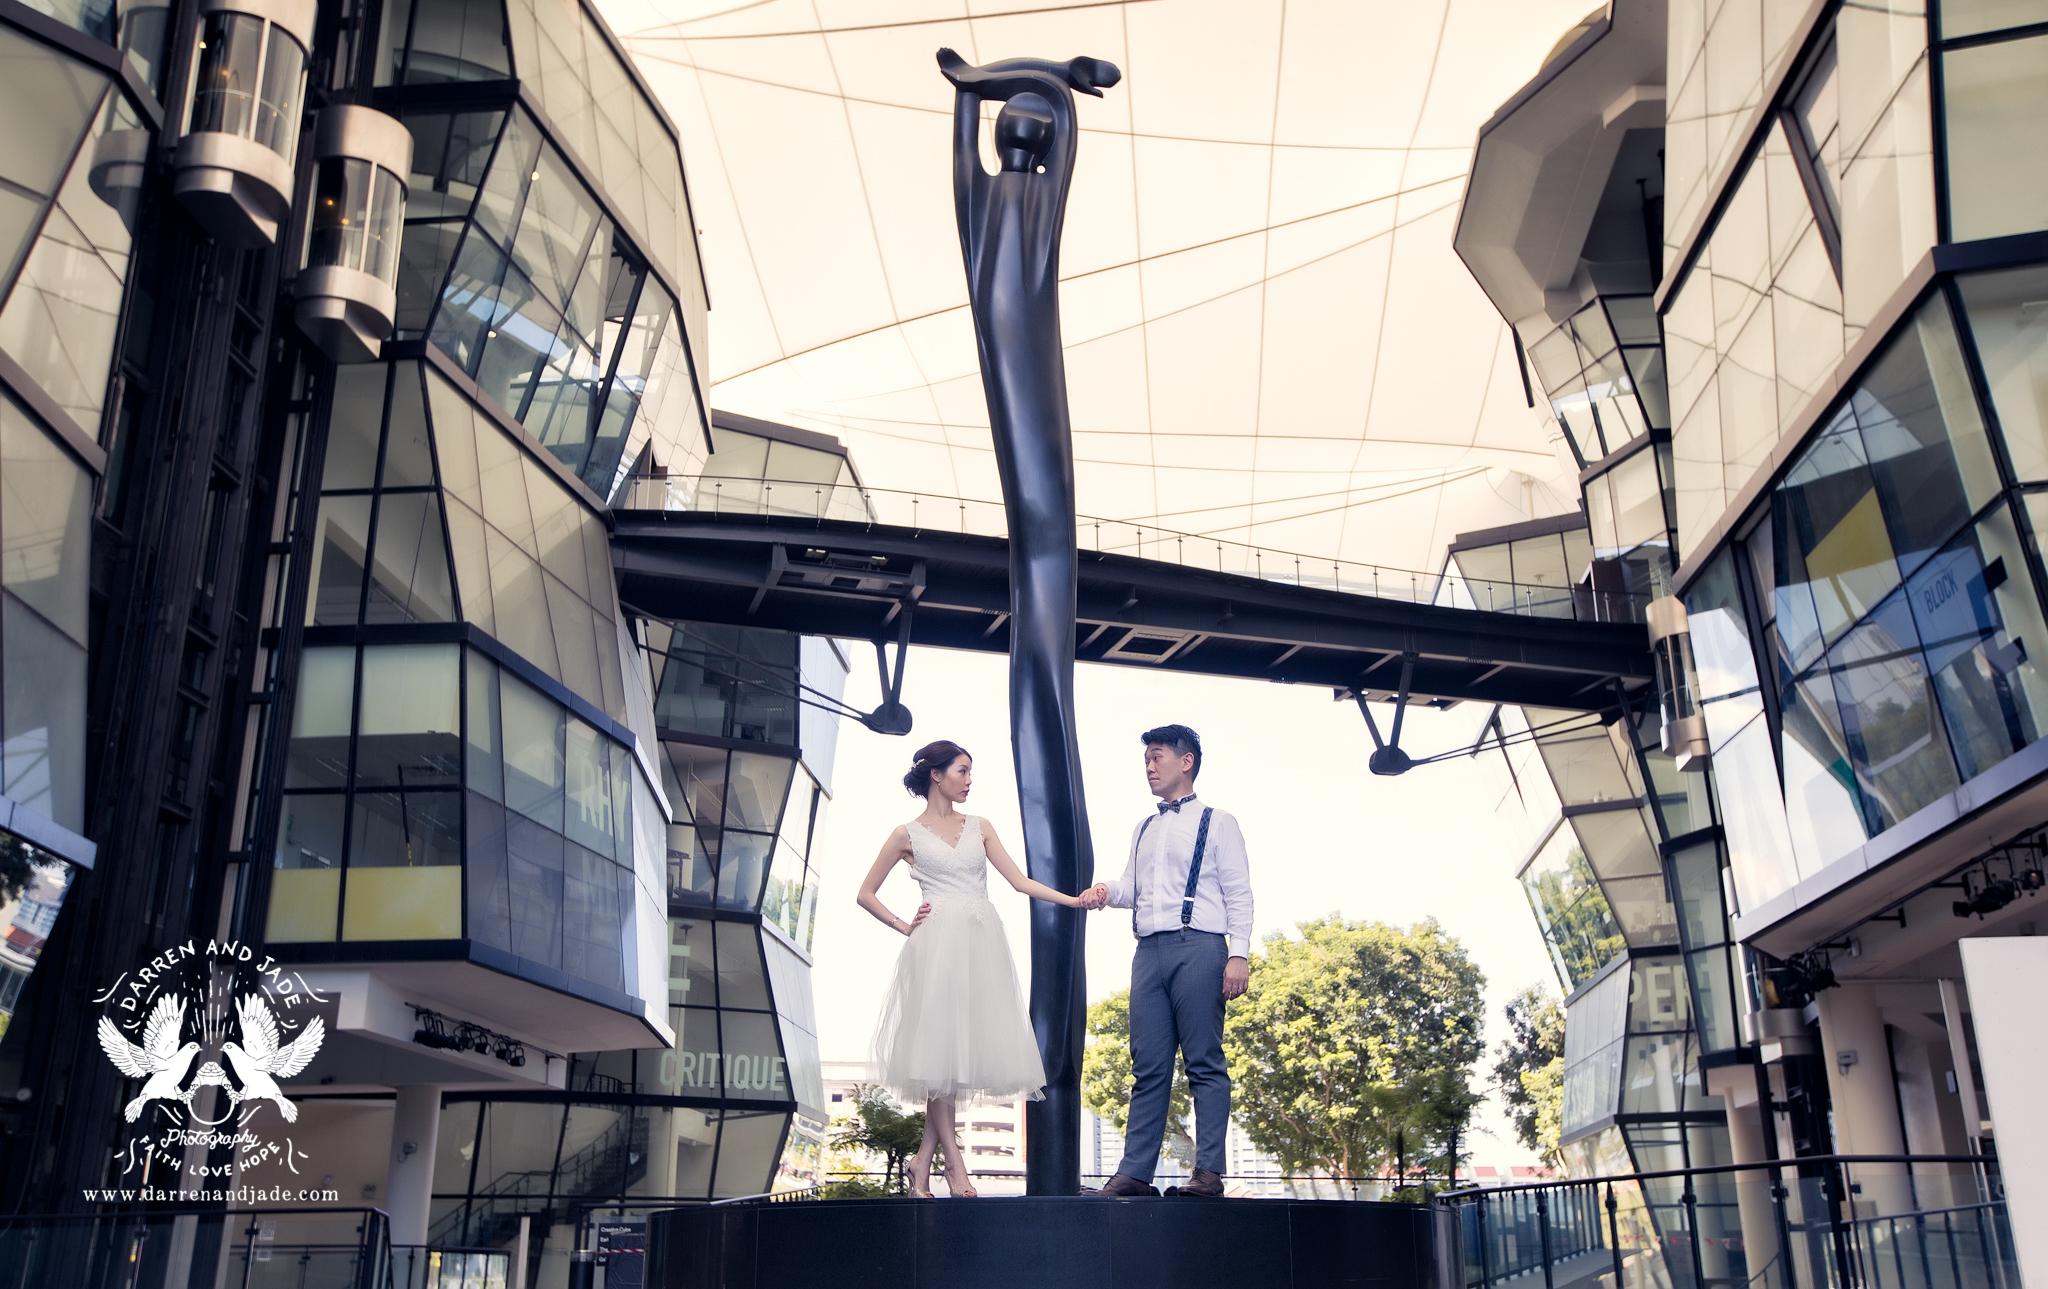 Hannah & Amos - Engagement - Selects - Sharing (25 of 56).jpg